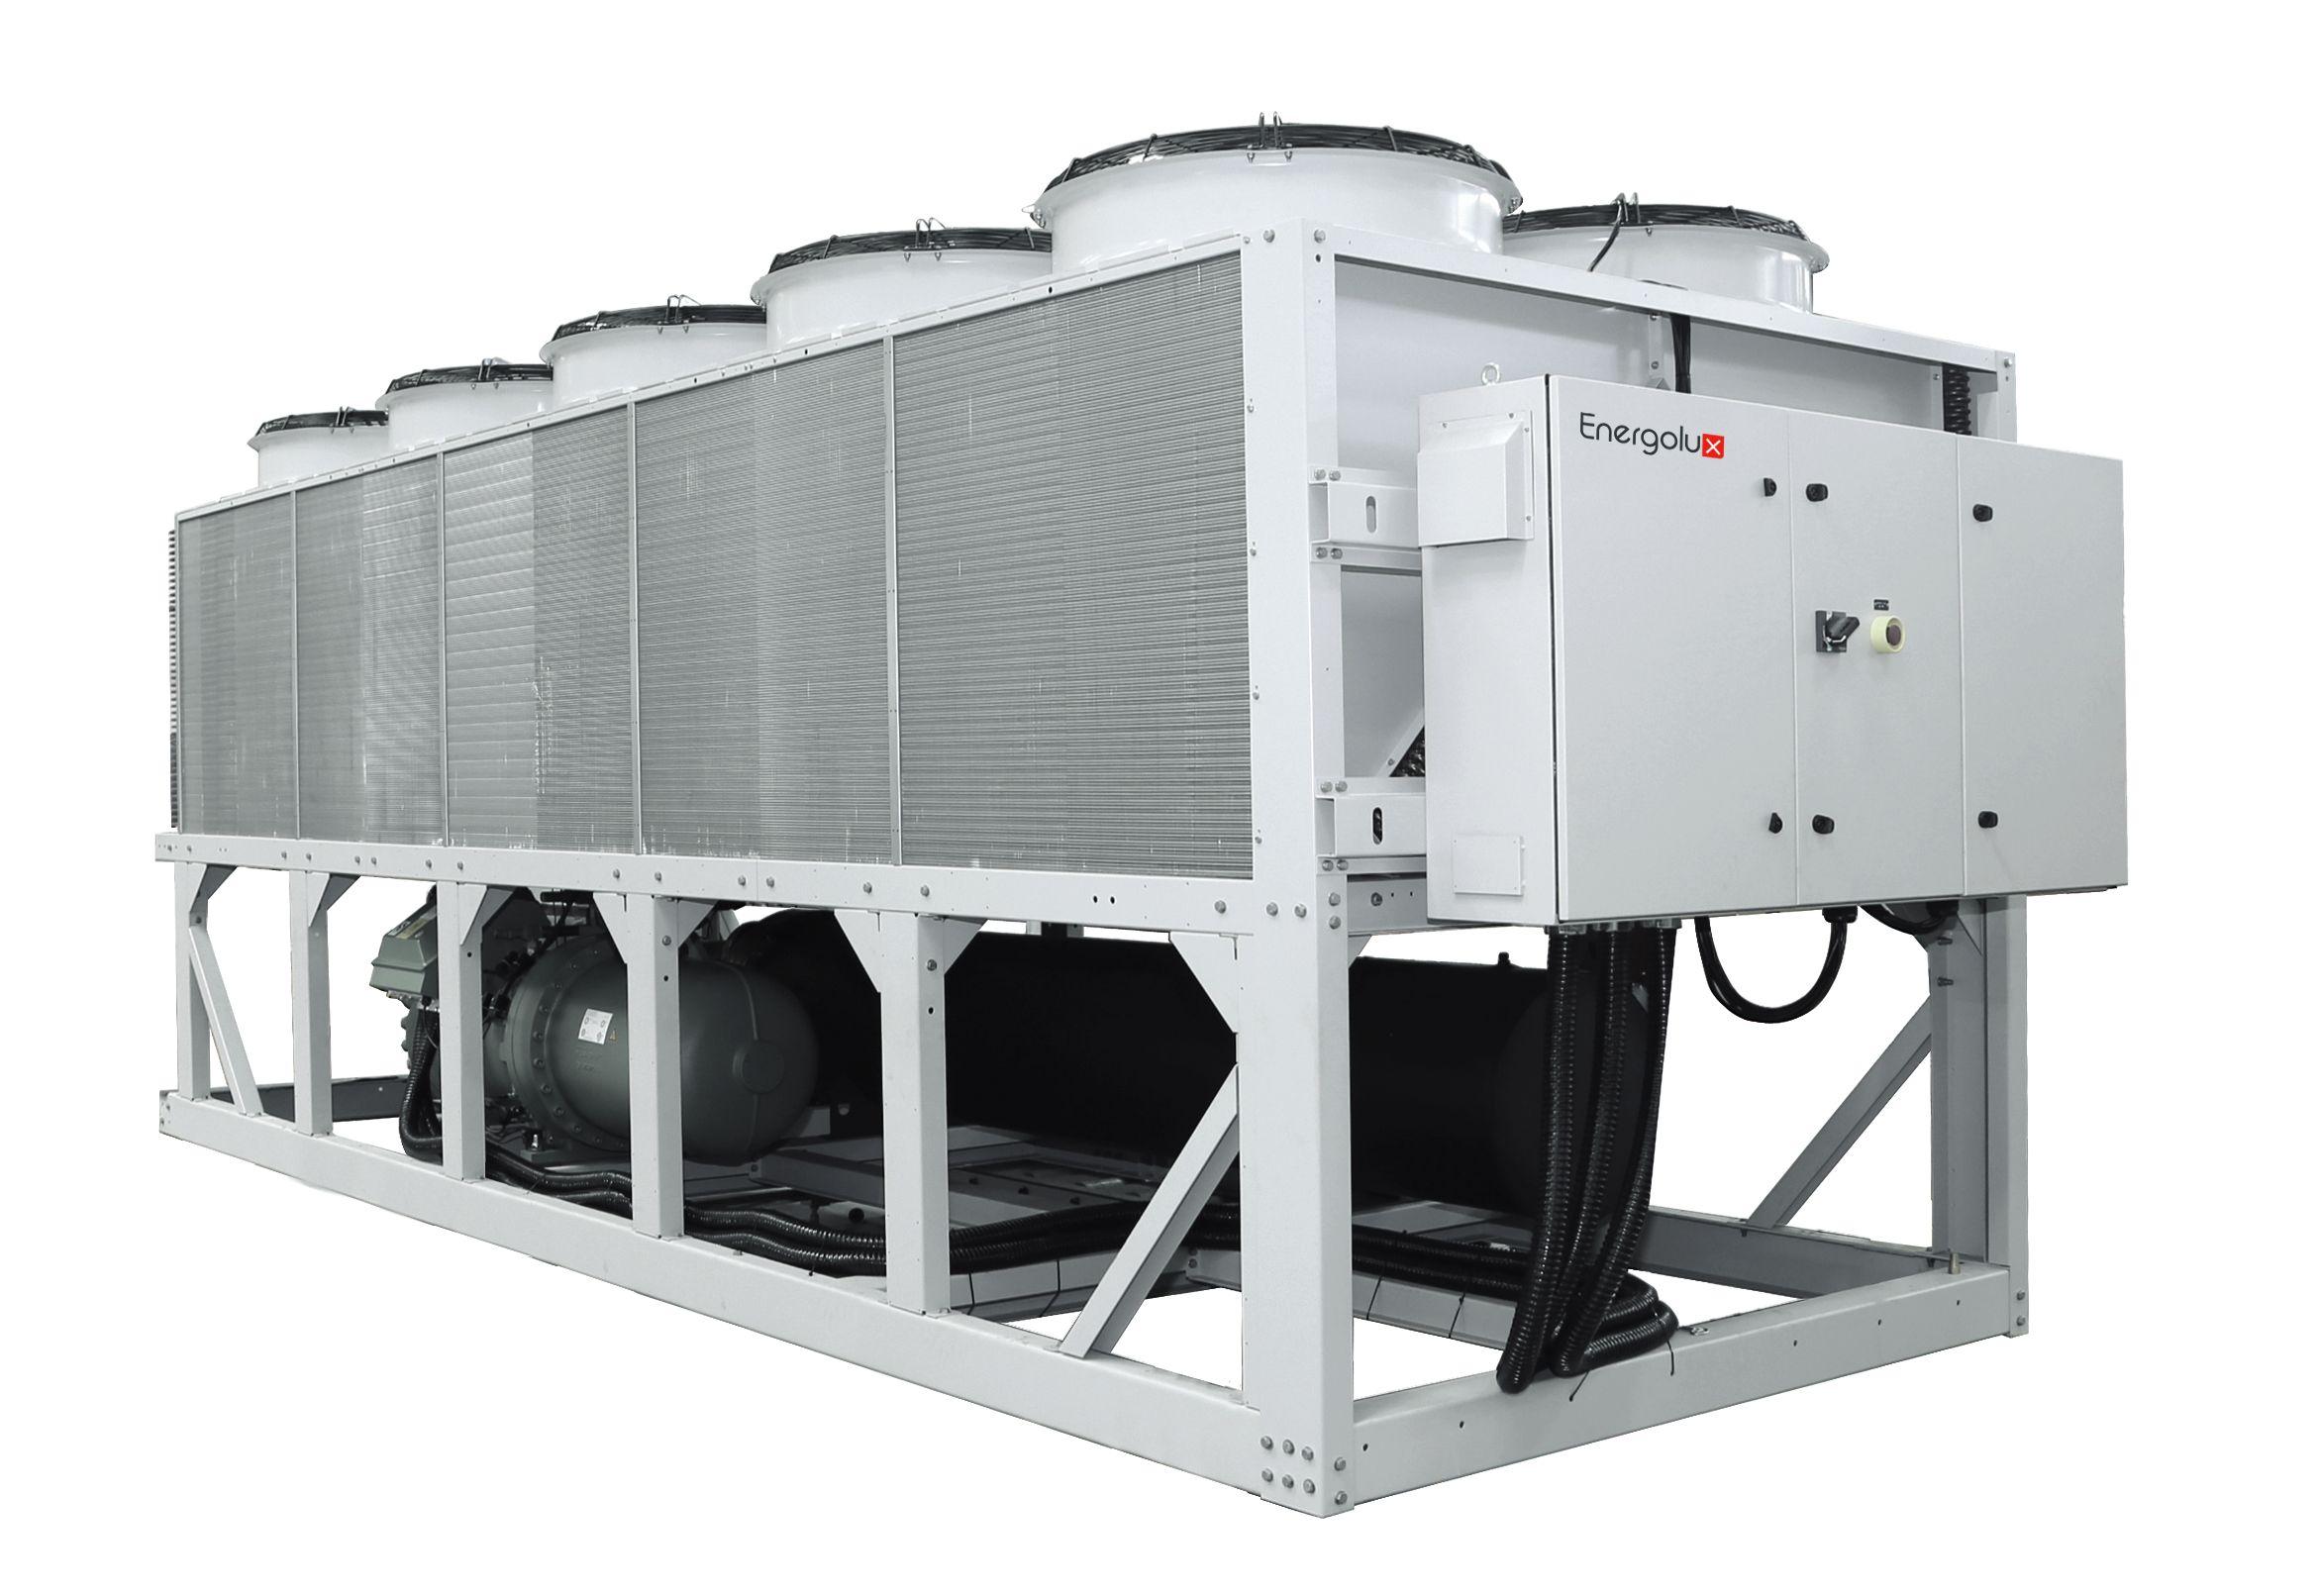 Energolux SCAW-FC-T 2360 V